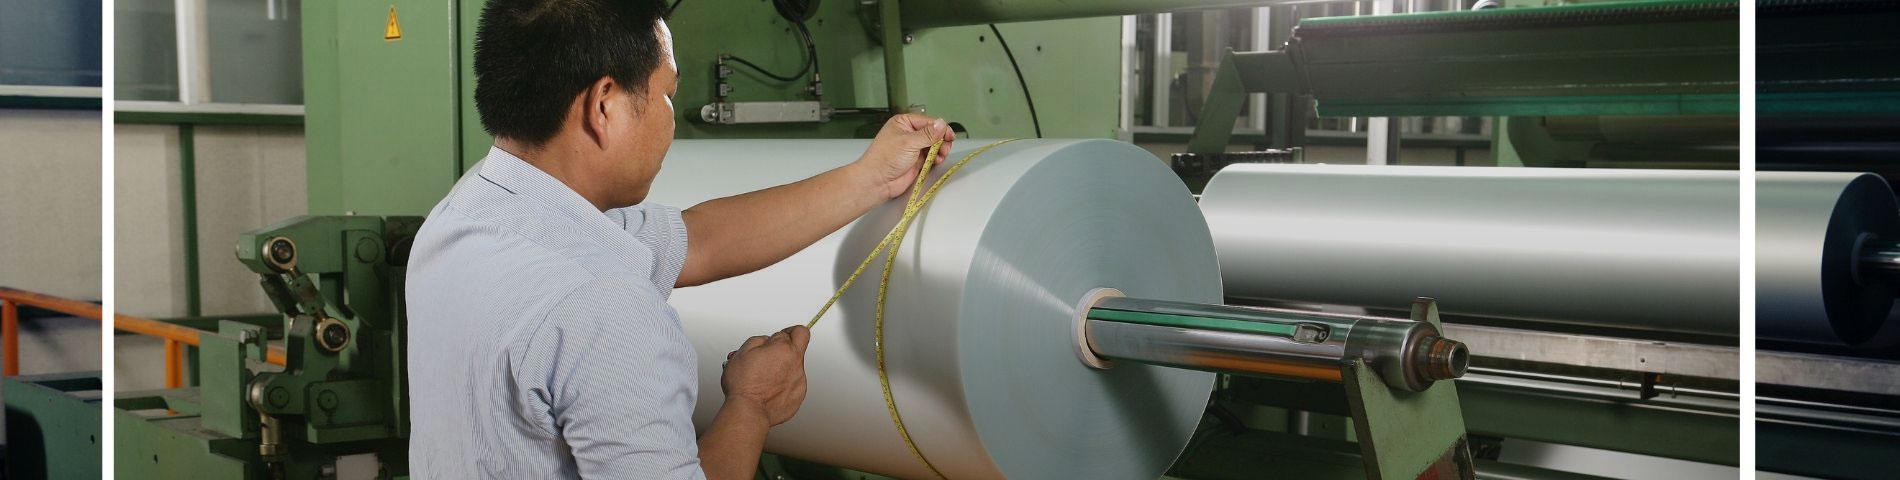 生産における品質管理